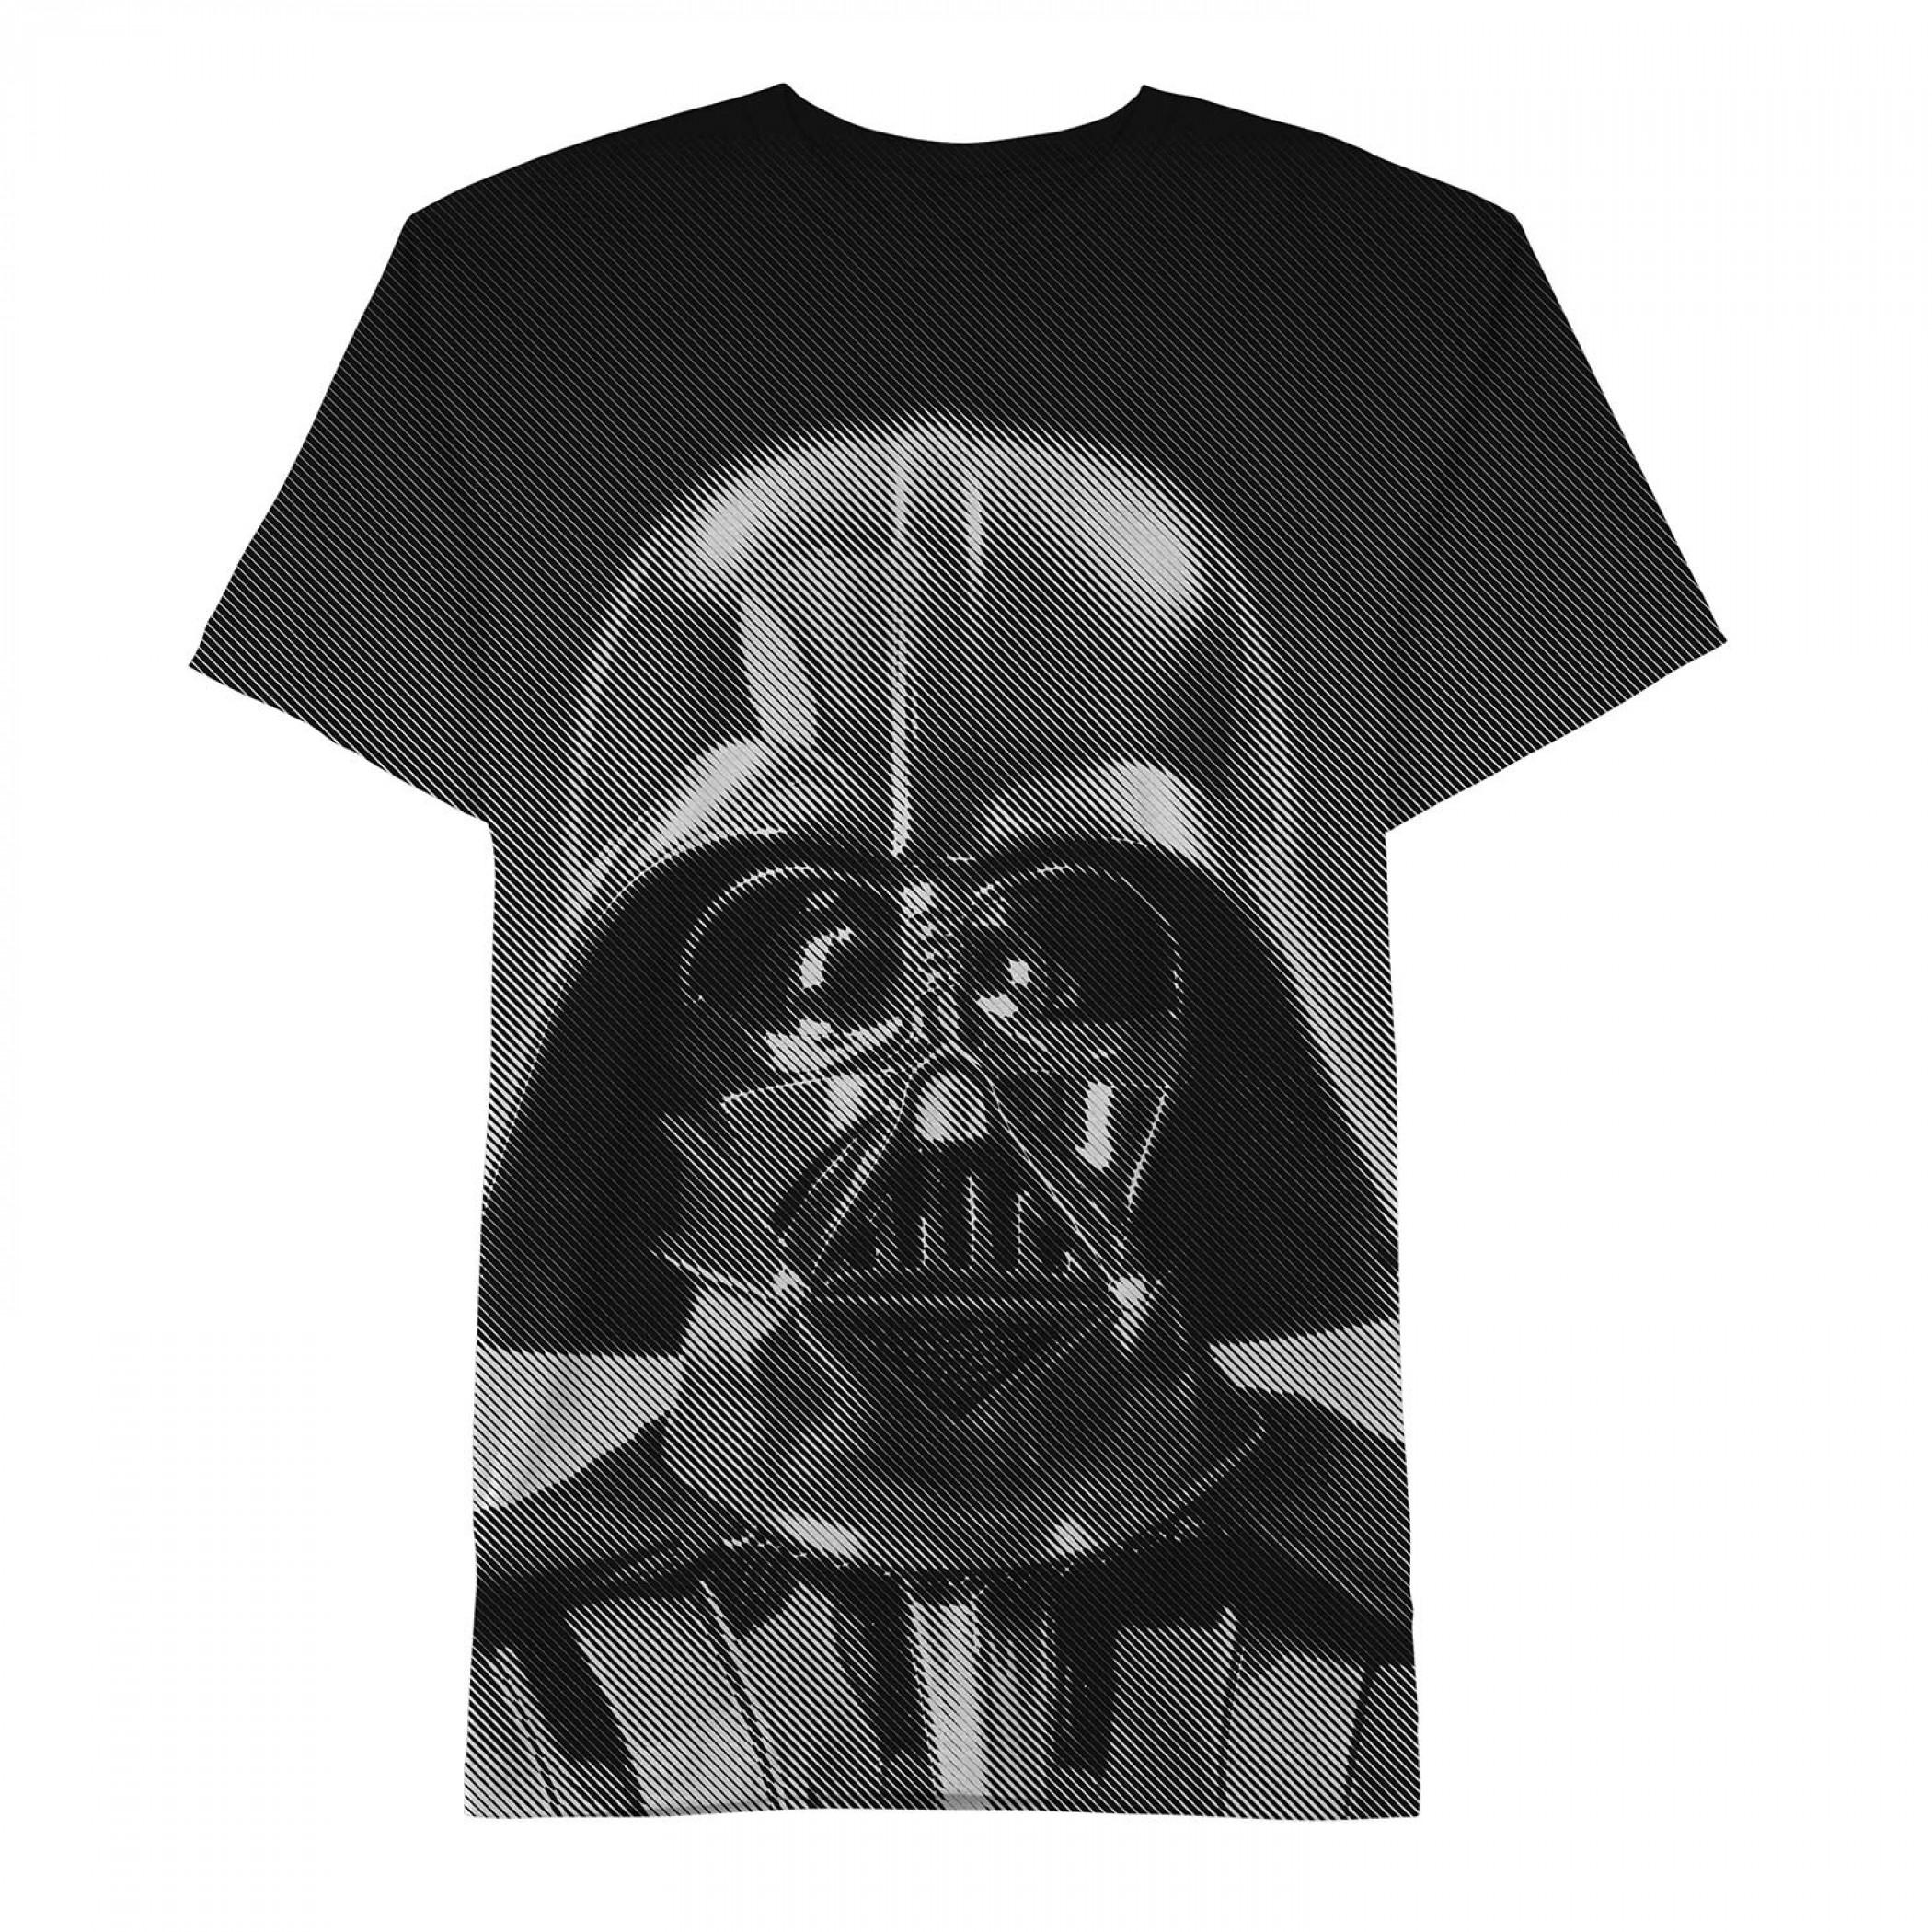 Star Wars Darth Vader Graphic Tee Shirt